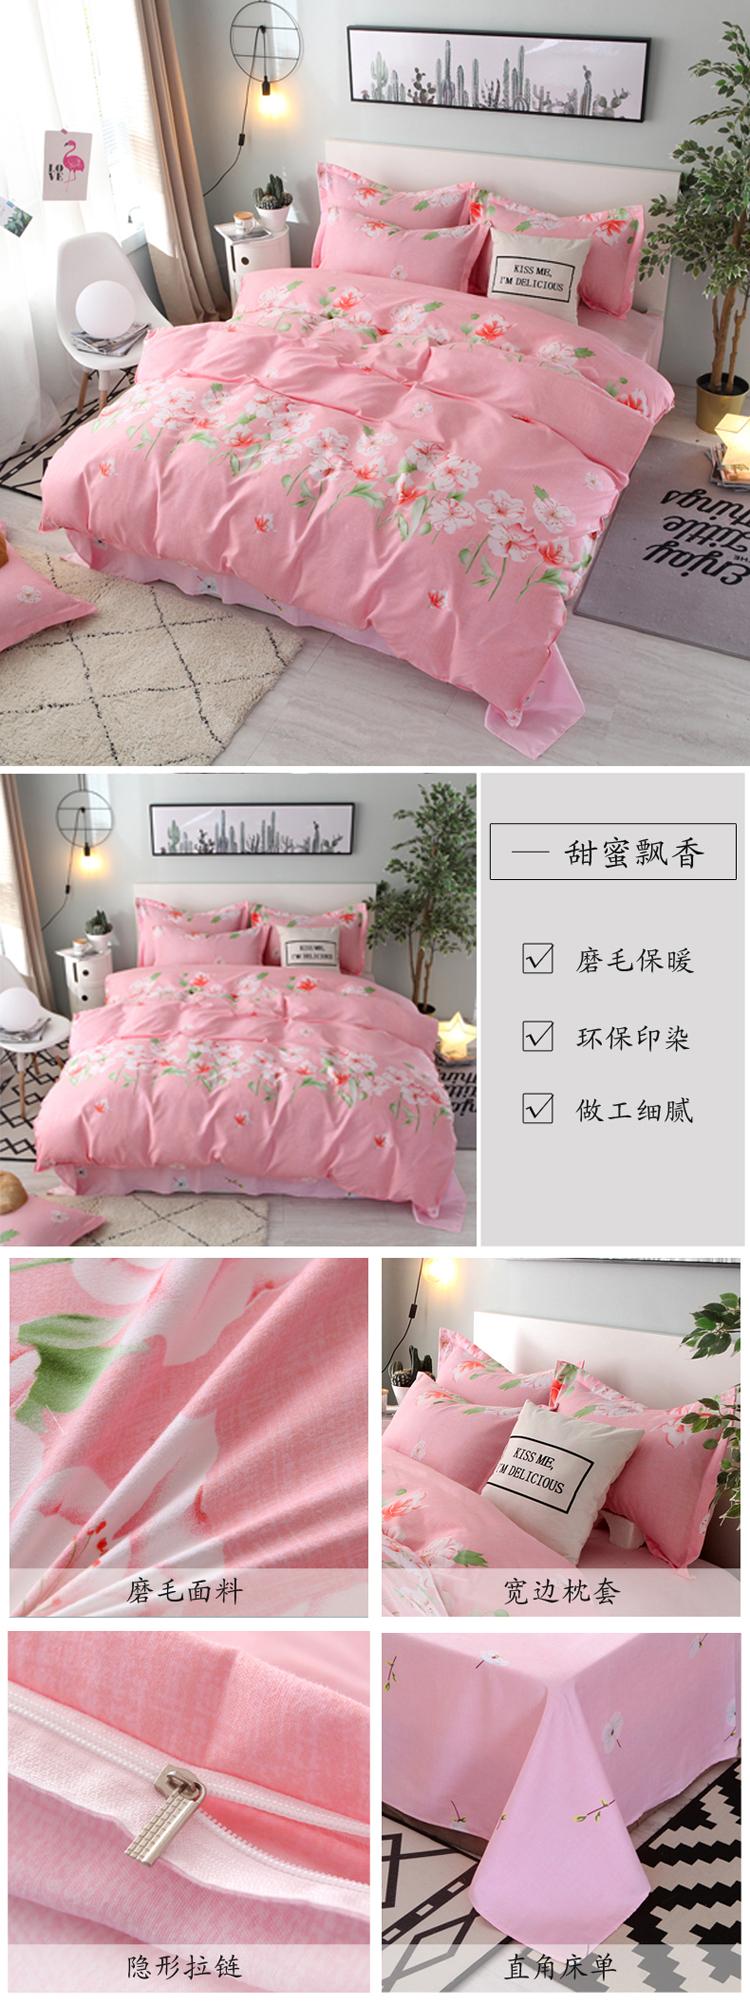 12甜蜜飘香.jpg